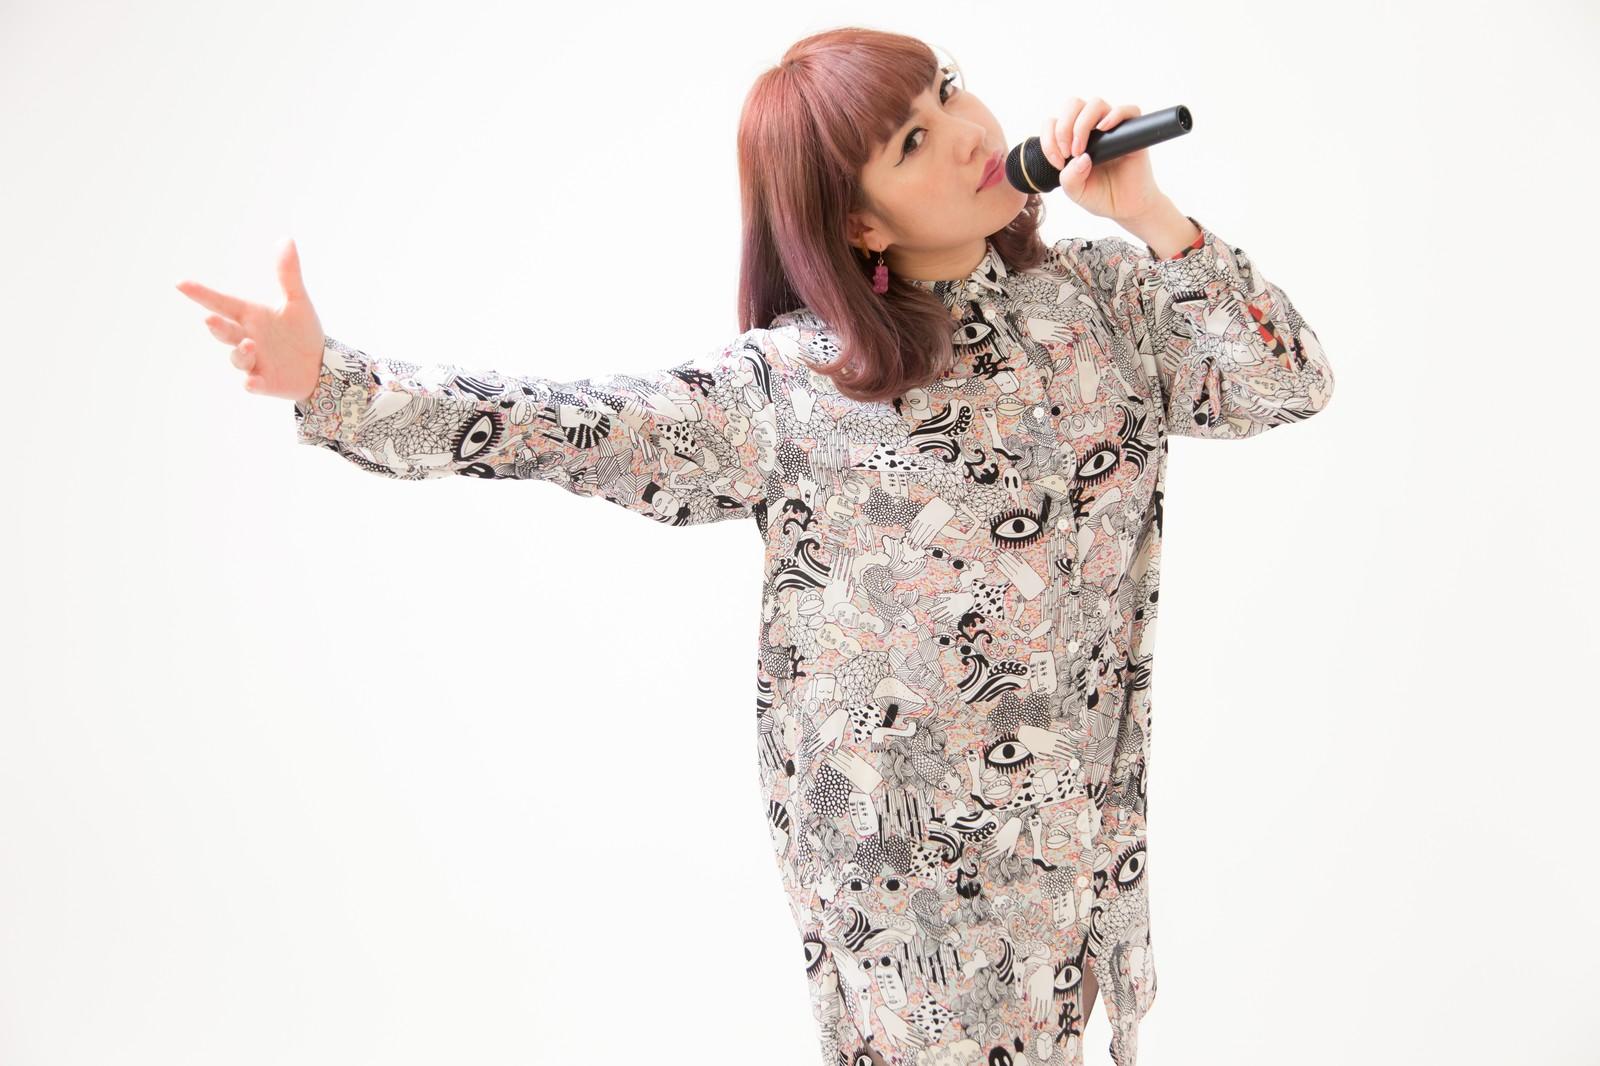 【カラオケ】男より女のほうが歌うまいやつ多くない?